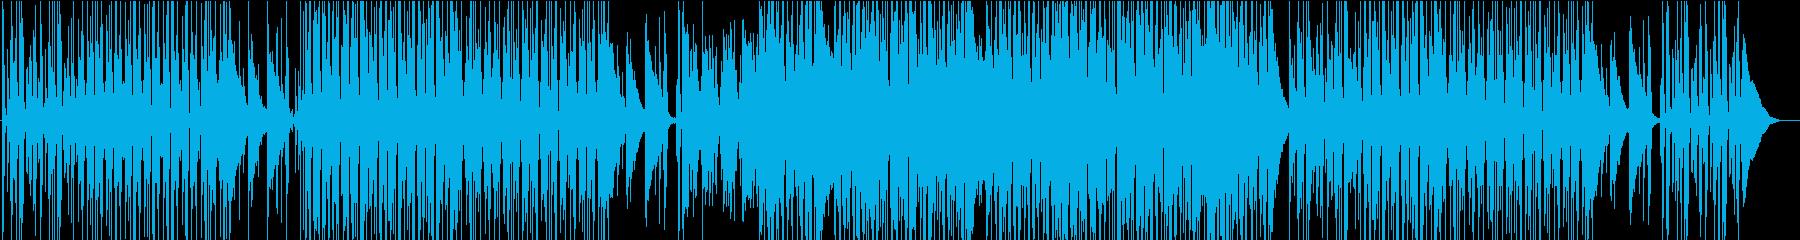 ギターいっぱいのゆったりカントリーの再生済みの波形